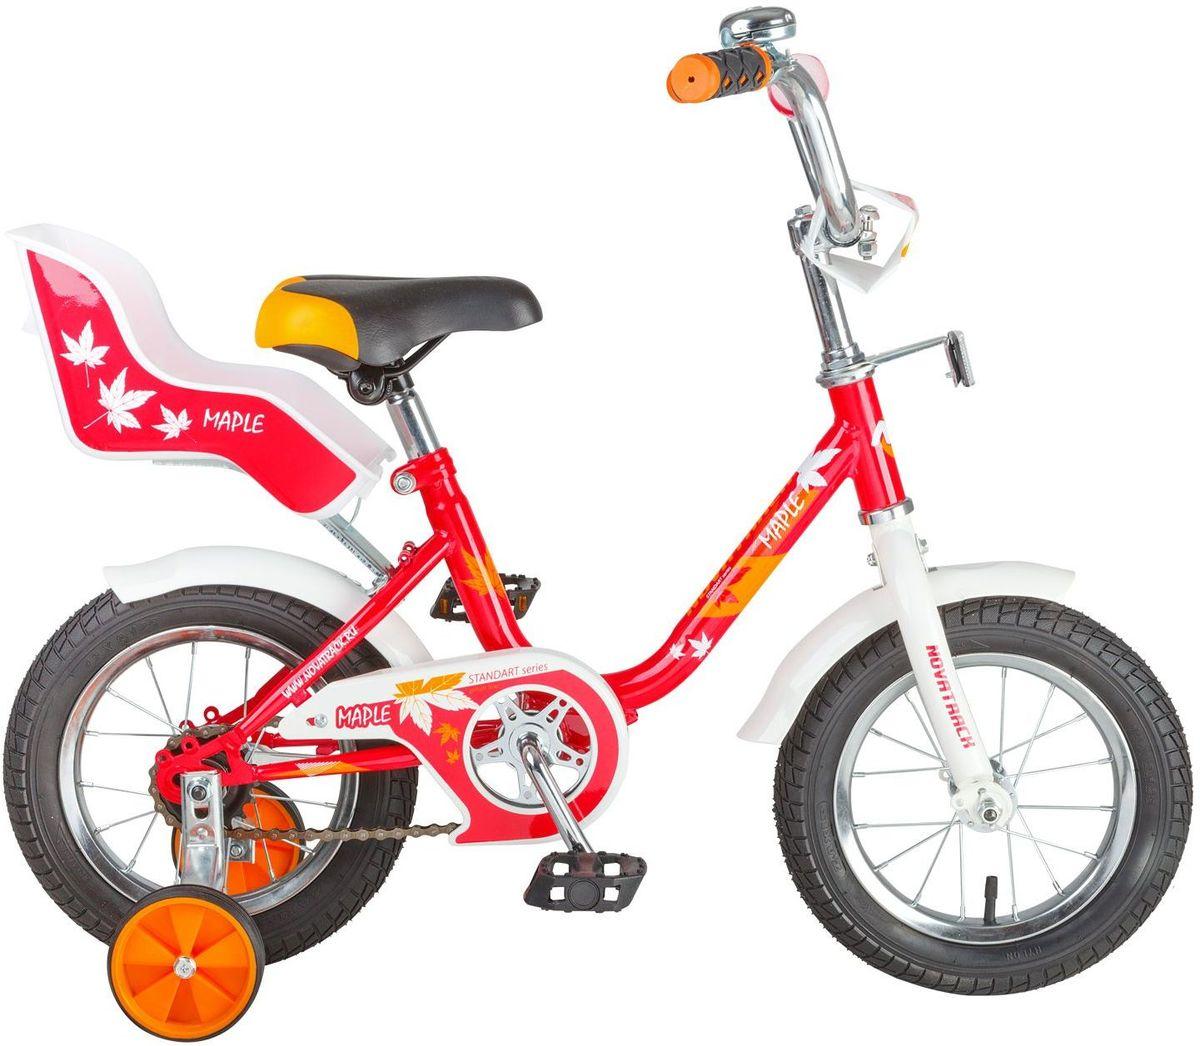 Велосипед детский Novatrack Maple, цвет: красный, 12124MAPLE.RD7Novatrack Maple 12'' – это надежный велосипед для девочек 2-4 лет, на котором очень легко начинать обучение езеде на велосипеде, и который обязательно станет предметом гордости маленькой леди. Регулируемые сидение и руль легко адаптируются под рост ребенка. Маленькие дополнительные колеса снимаются. Отличительная особенность этого велосипеда – это сидение для куклы, ведь как можно не взять с собой подругу на велопрогулку? Велосипед оснащен ножным тормозом, которым ребеноку легко пользоваться, защитой цепи, которая убережет нижнюю часть одежды от попадания в механизм. Велосипед оборудован ограничителем поворота руля, который не позволит вывернуть руль на слишком большой градус, тем самым обезопасит ребенка от опрокидывания.